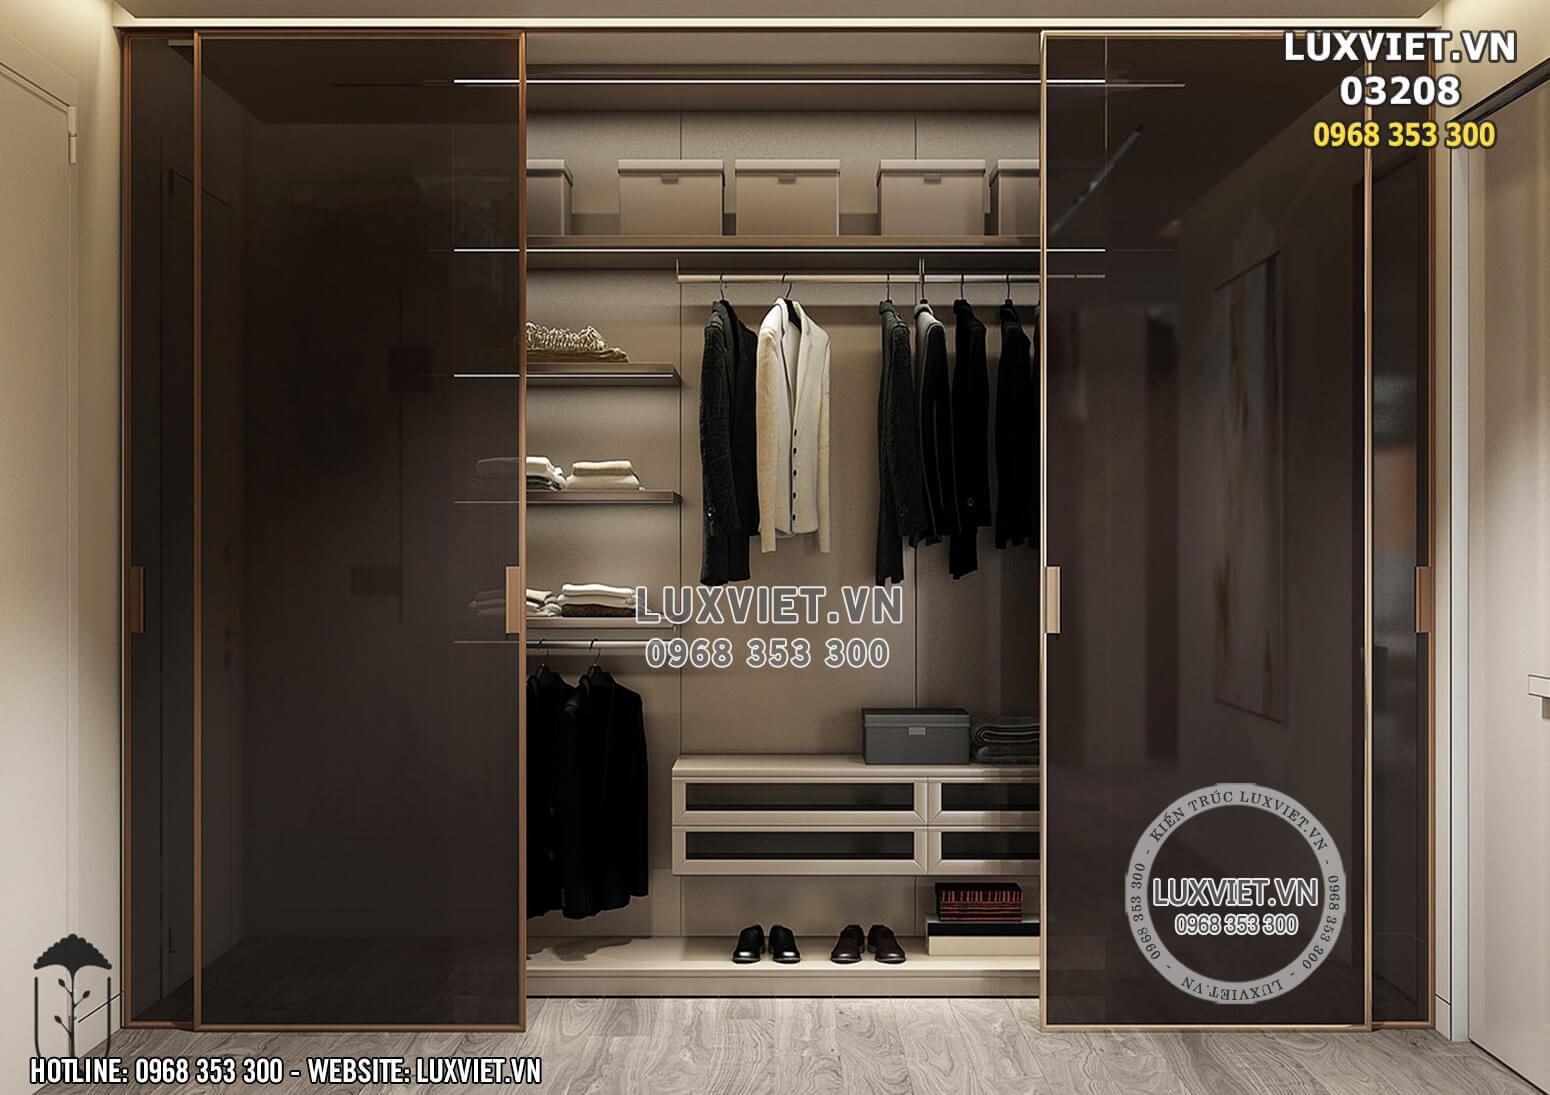 Hình ảnh: Nội thất căn hộ hiện đại sang trọng - LV 03208